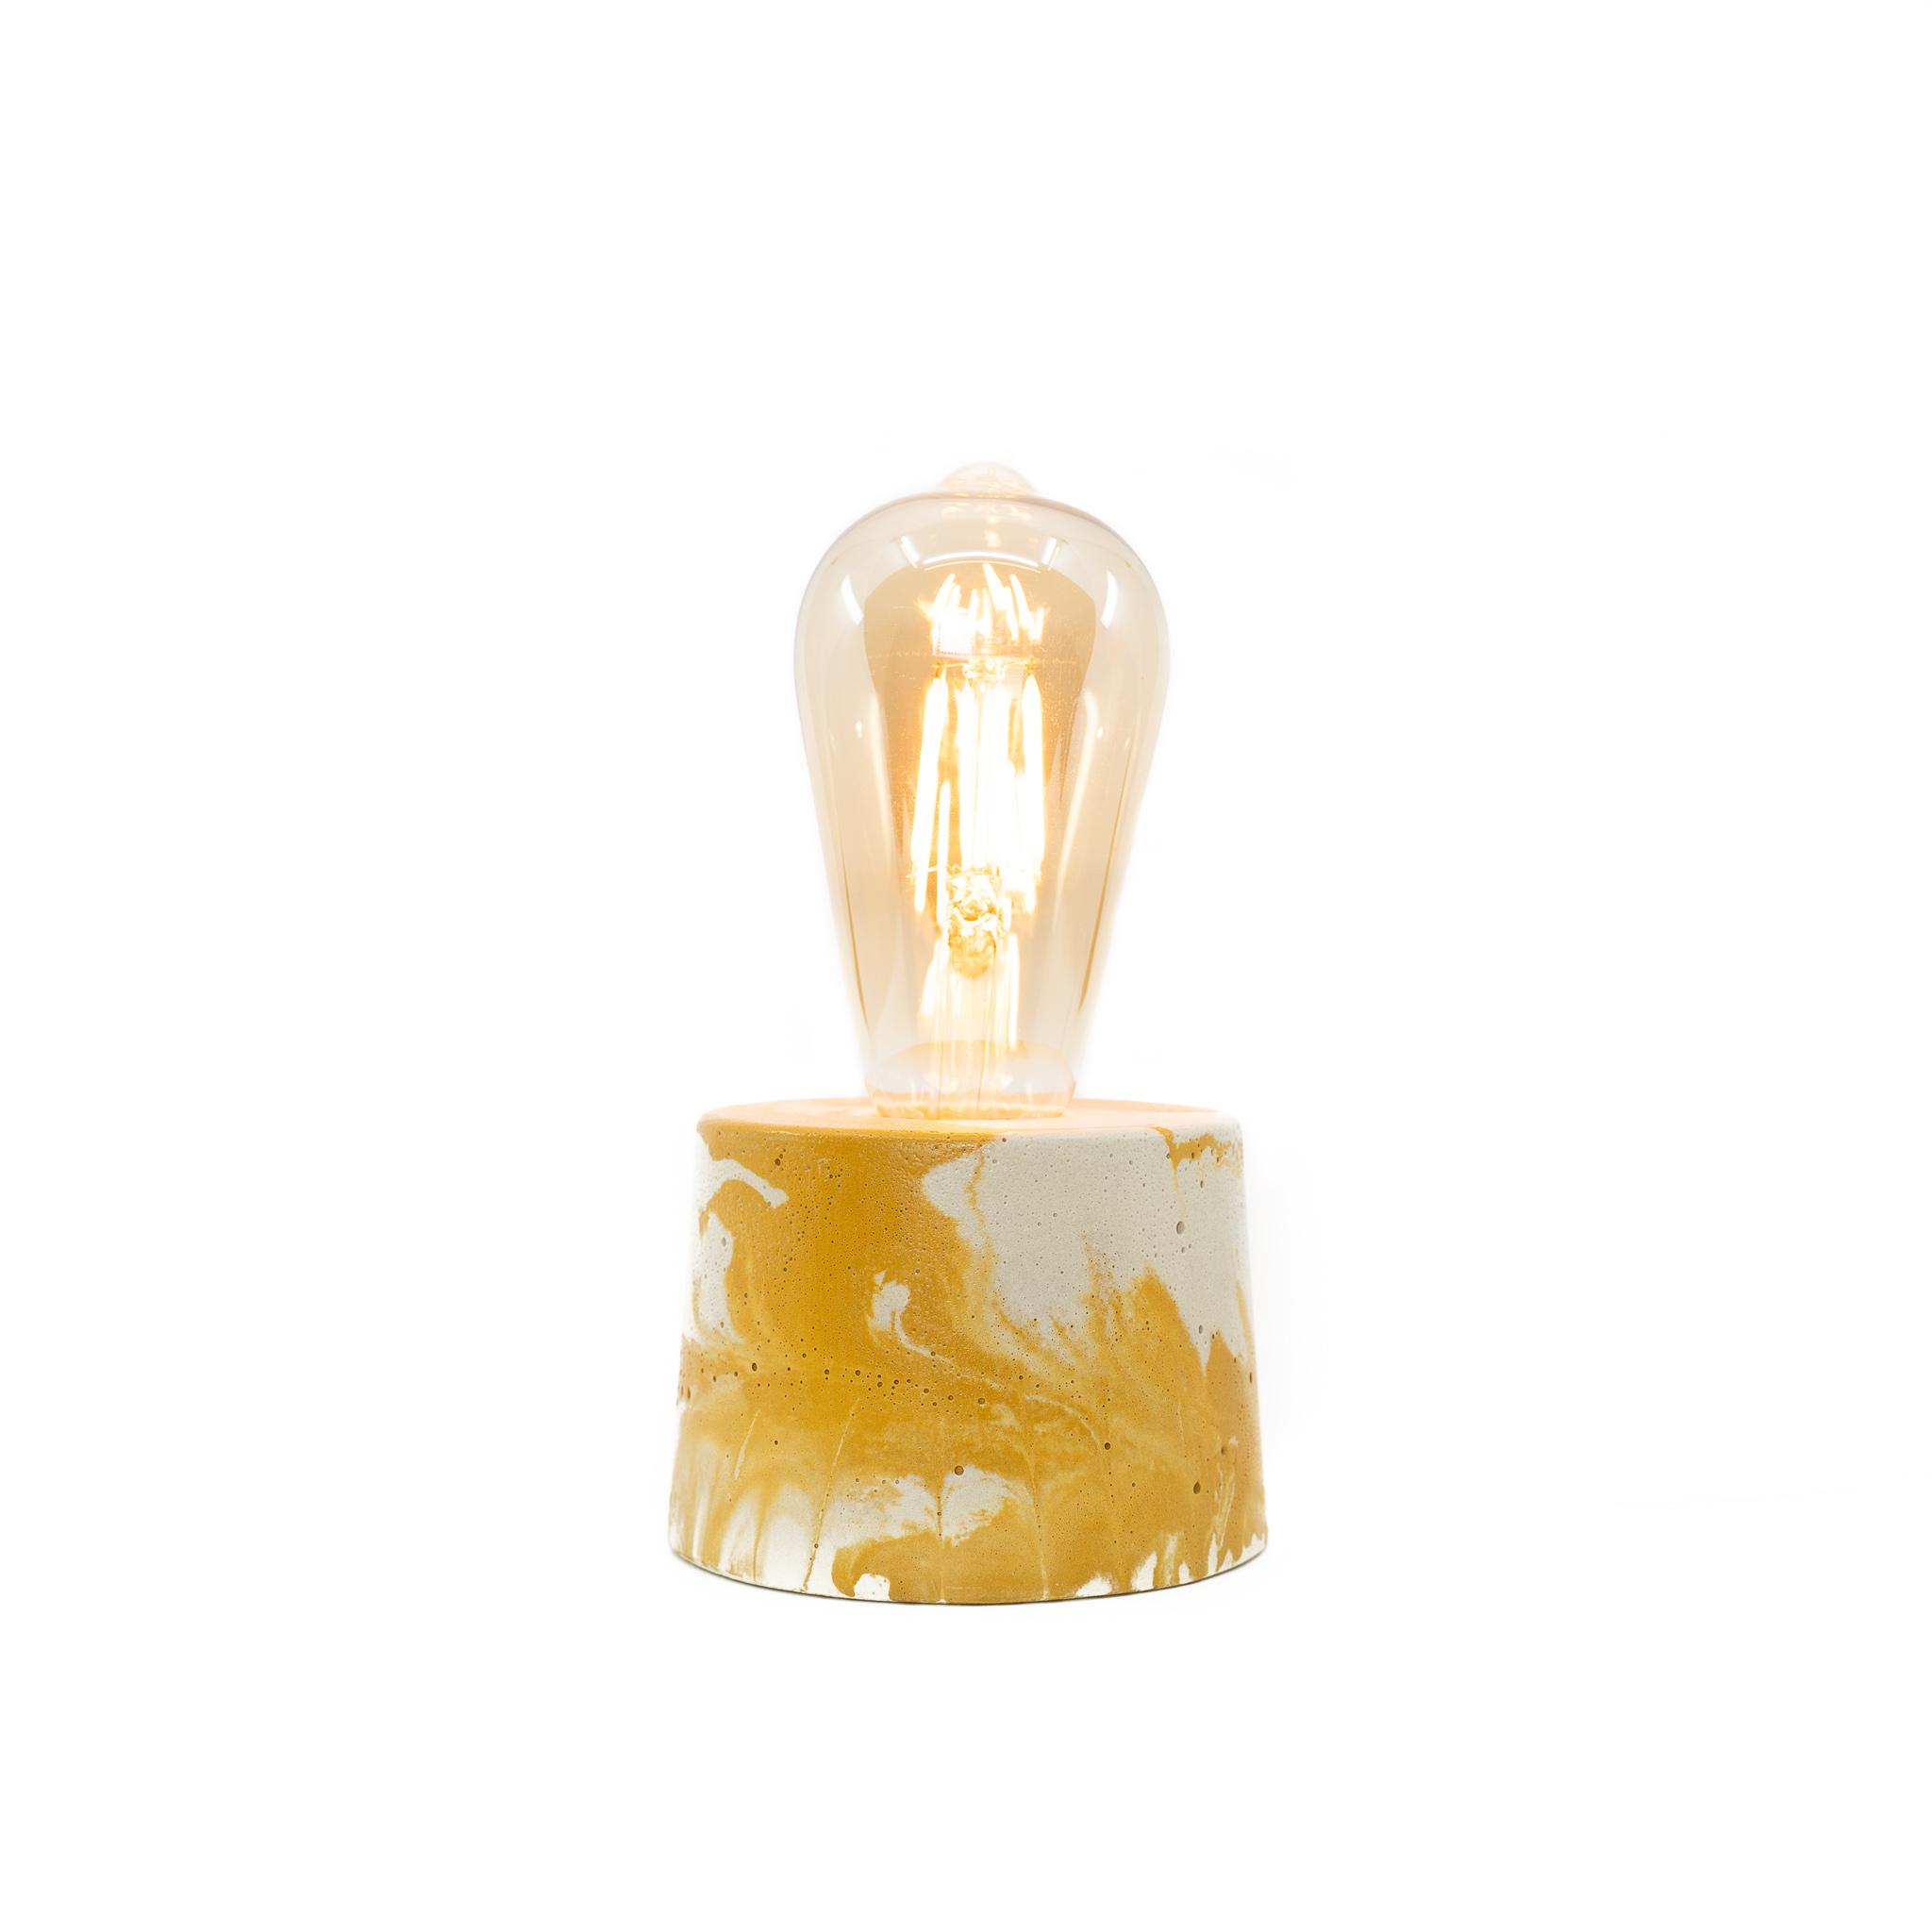 Lampe cylindre marbré en béton jaune fabrication artisanale